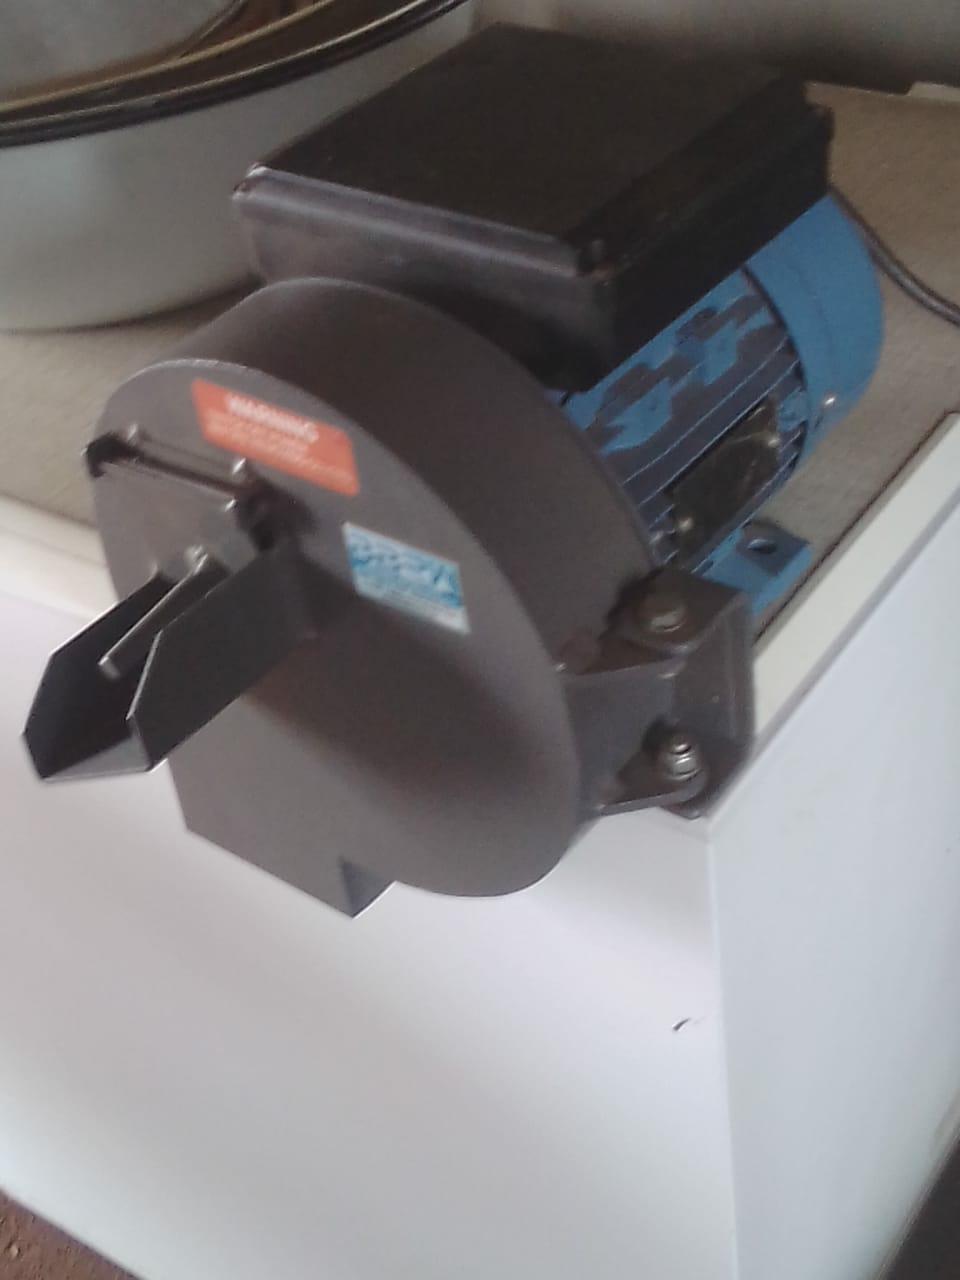 Biltong Electrical Slicer's